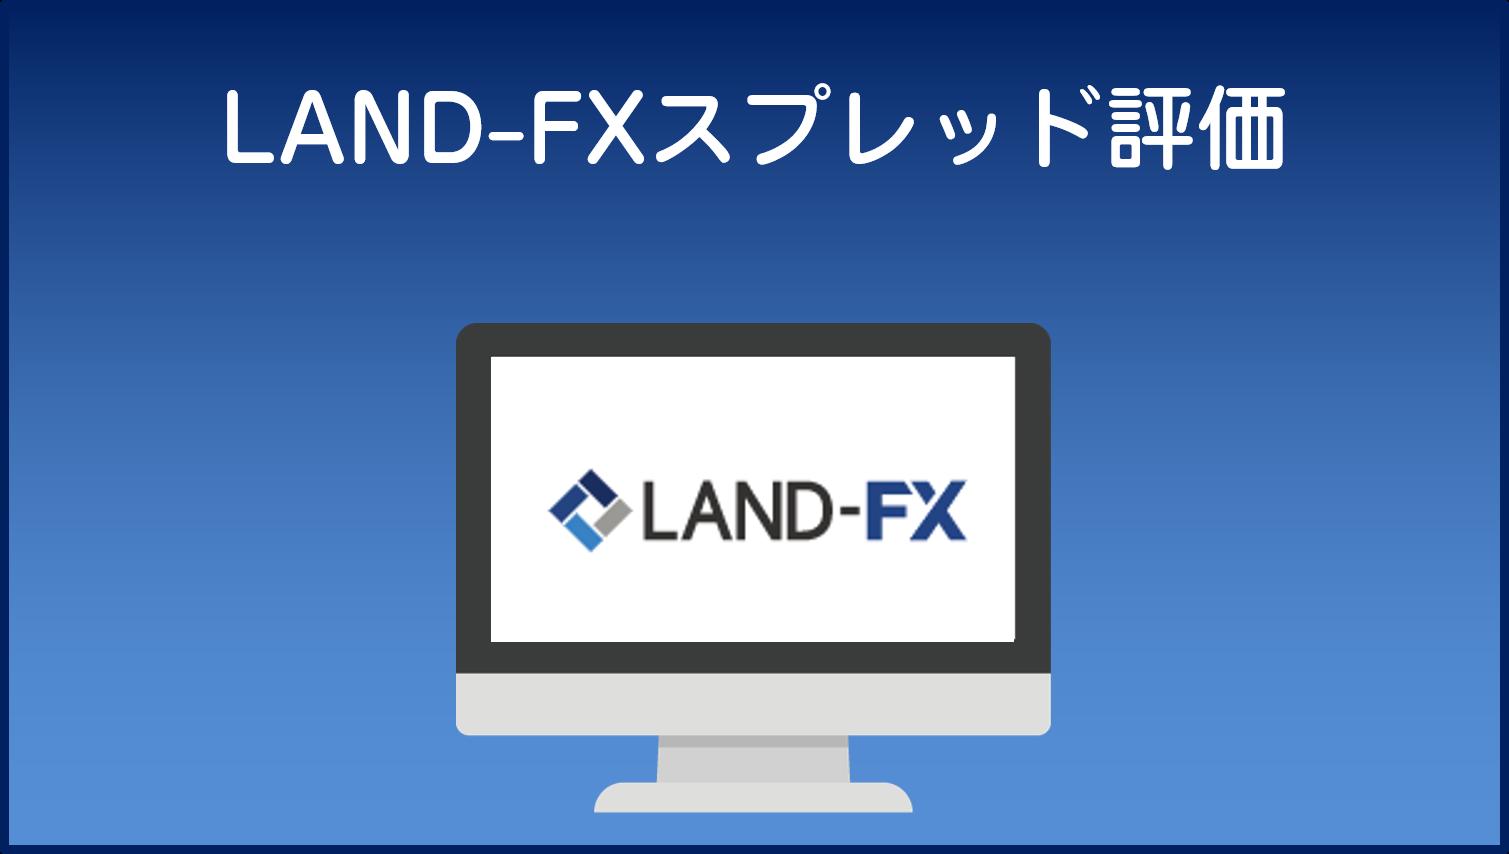 LAND-FXスプレッド評価